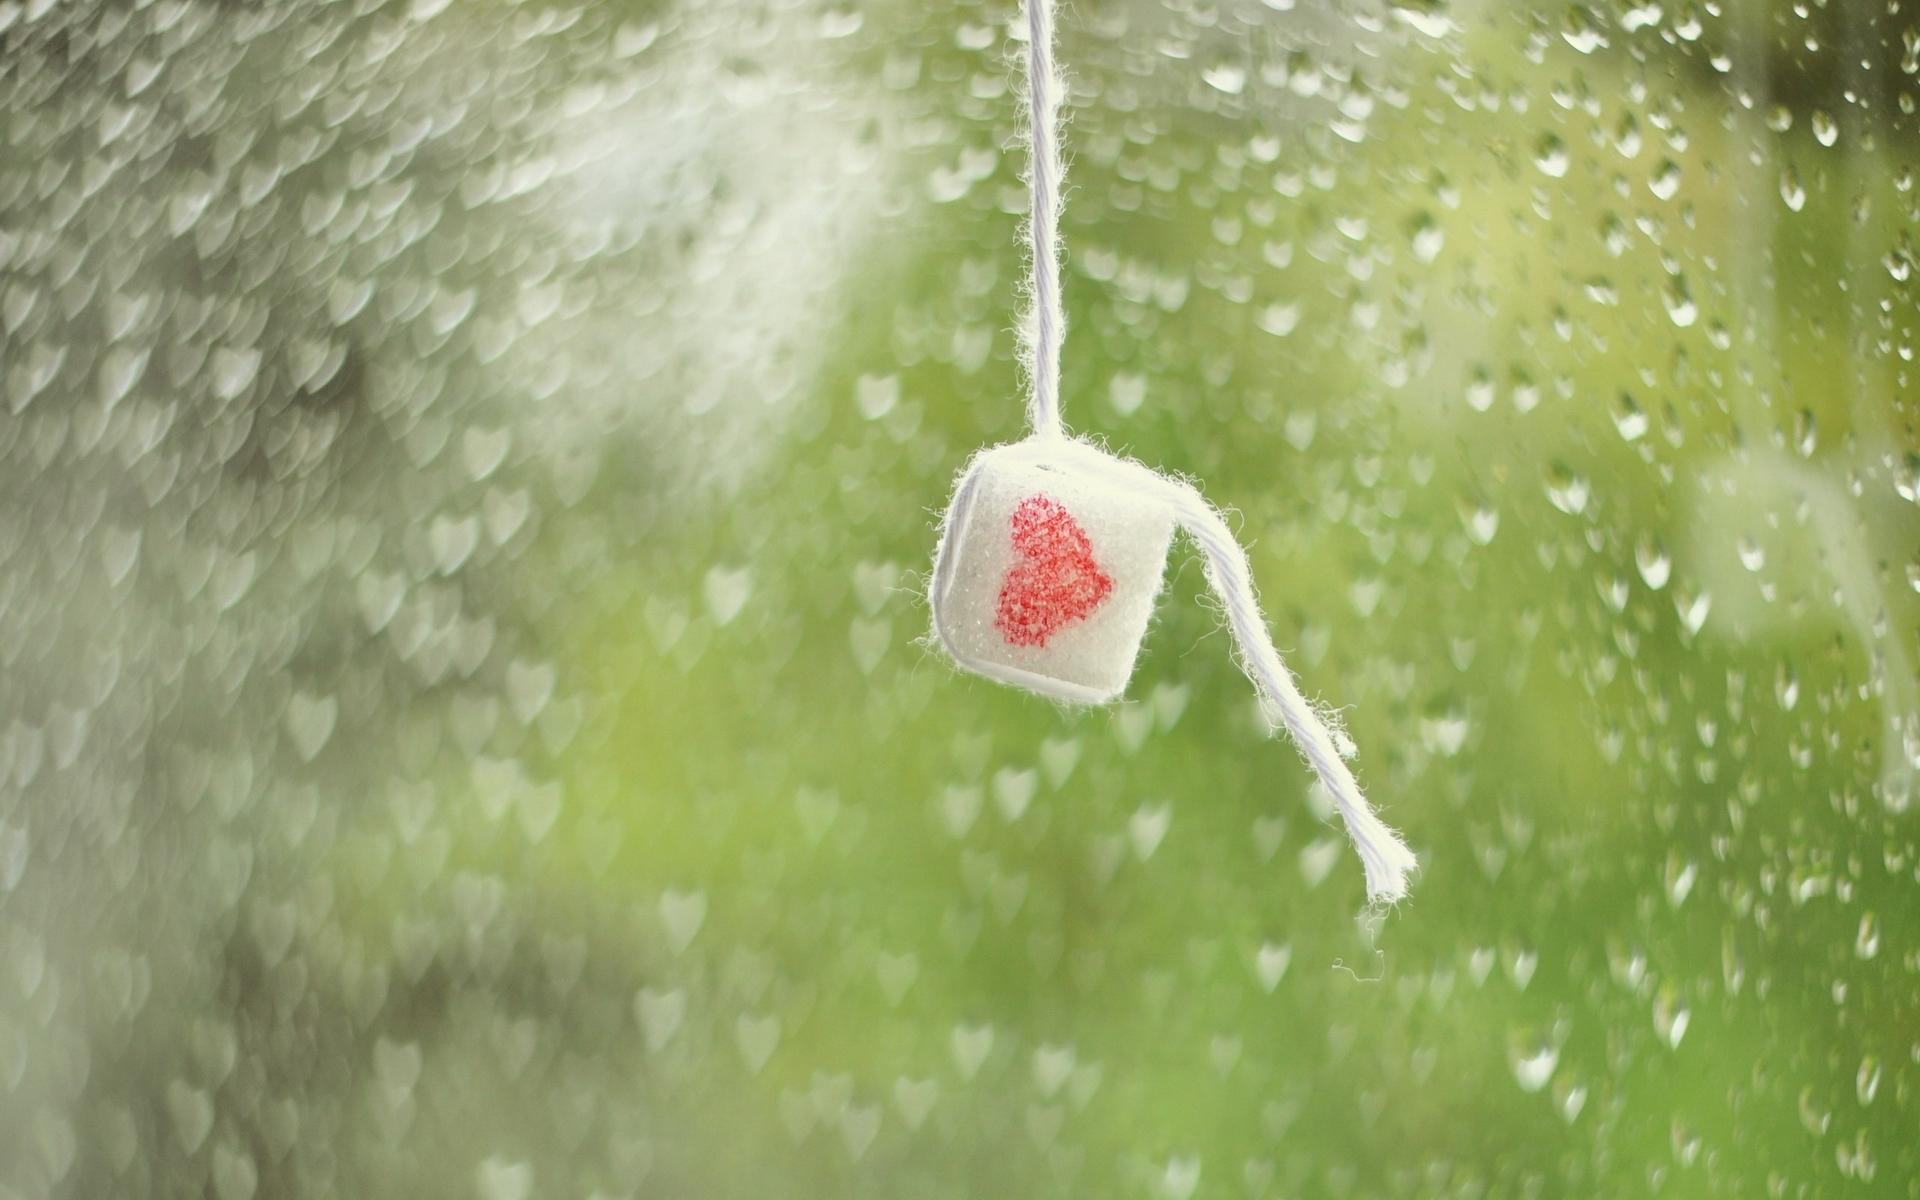 16113 скачать обои Фон, Сердца, Любовь, День Святого Валентина (Valentine's Day) - заставки и картинки бесплатно